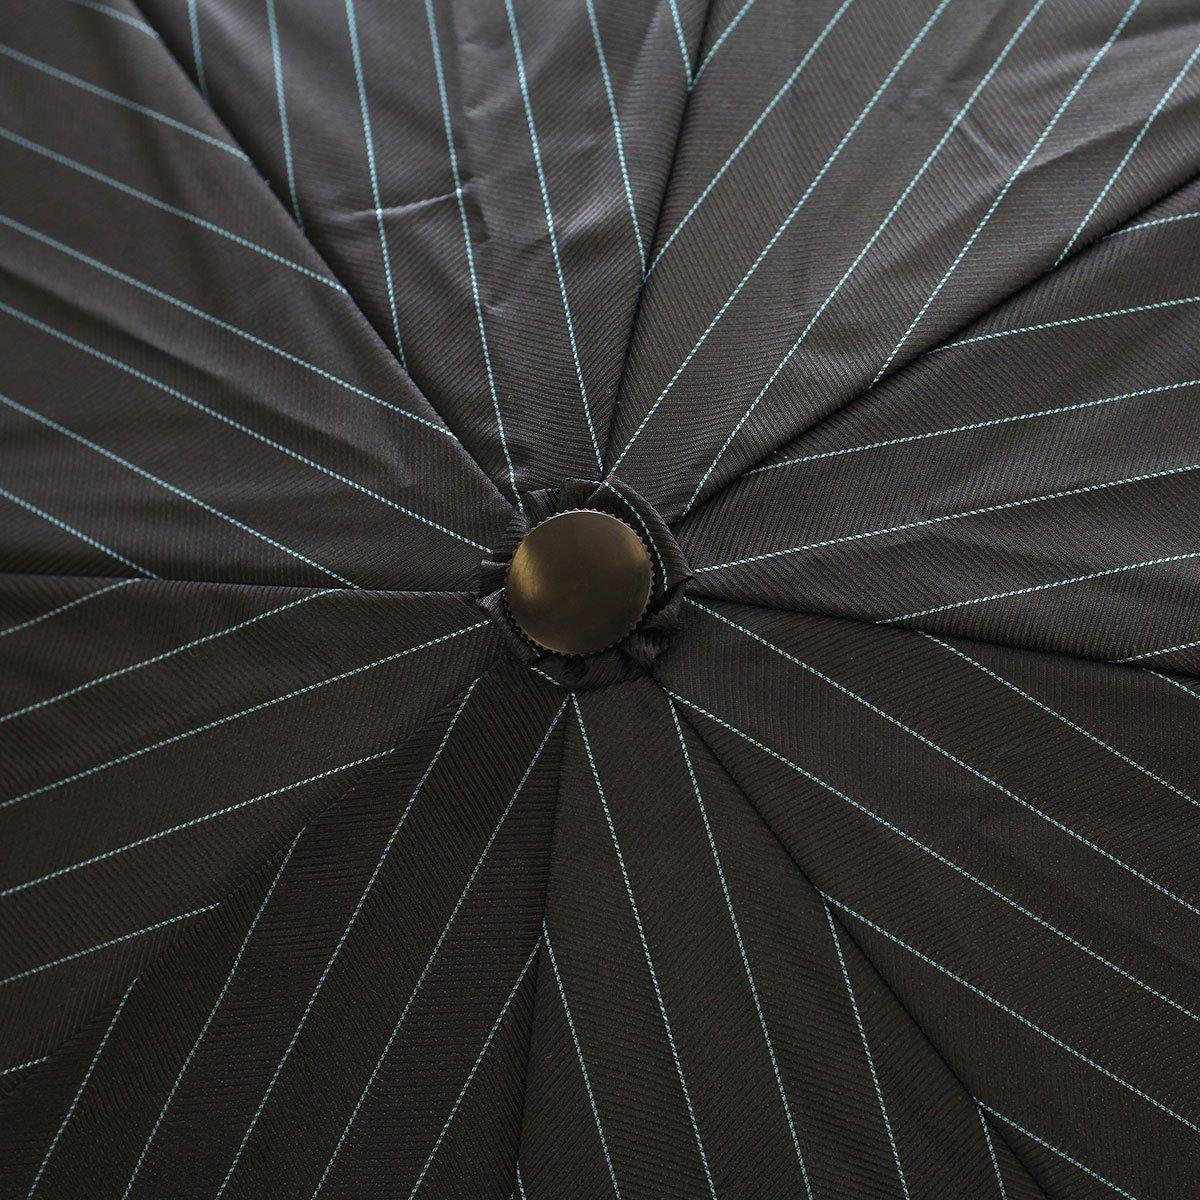 へリンカラー ストライプ 耐風骨 折りたたみ傘 詳細画像9